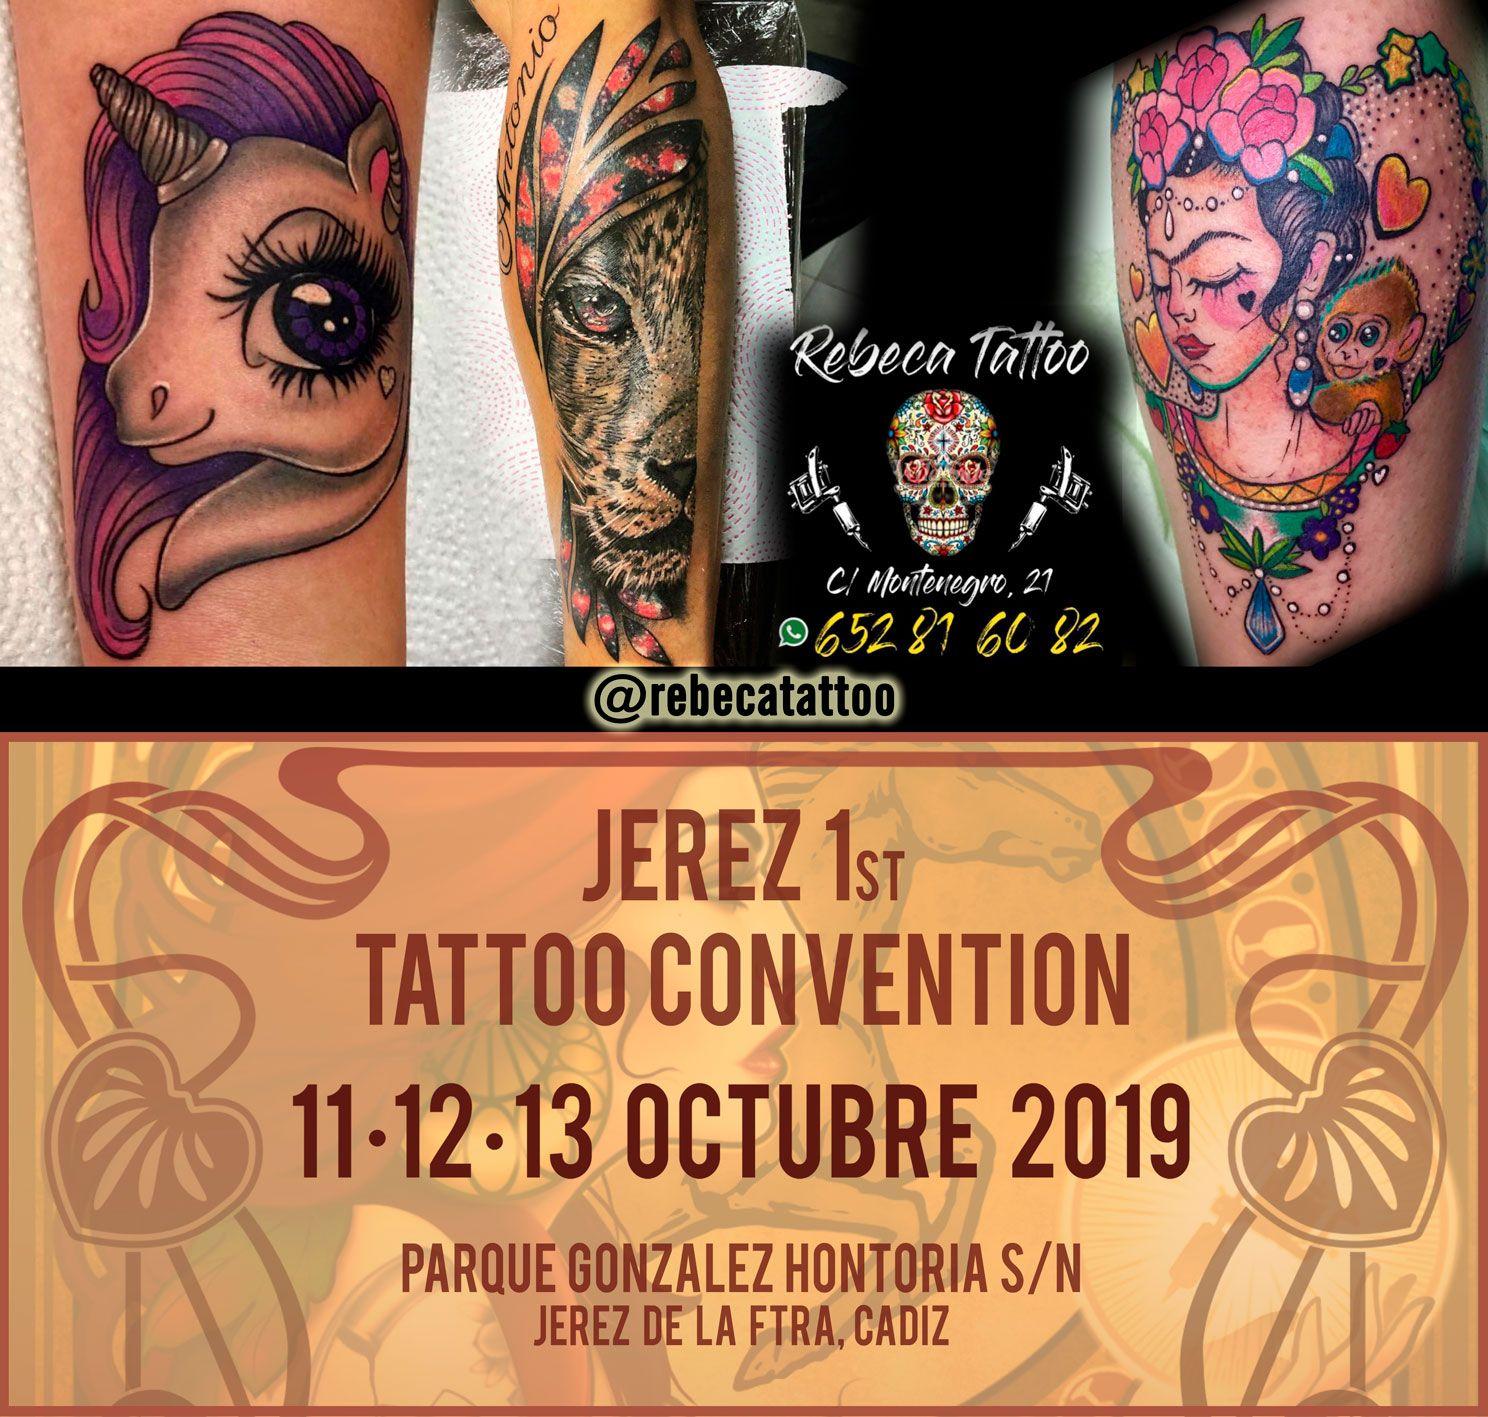 Rebeca Tattoo